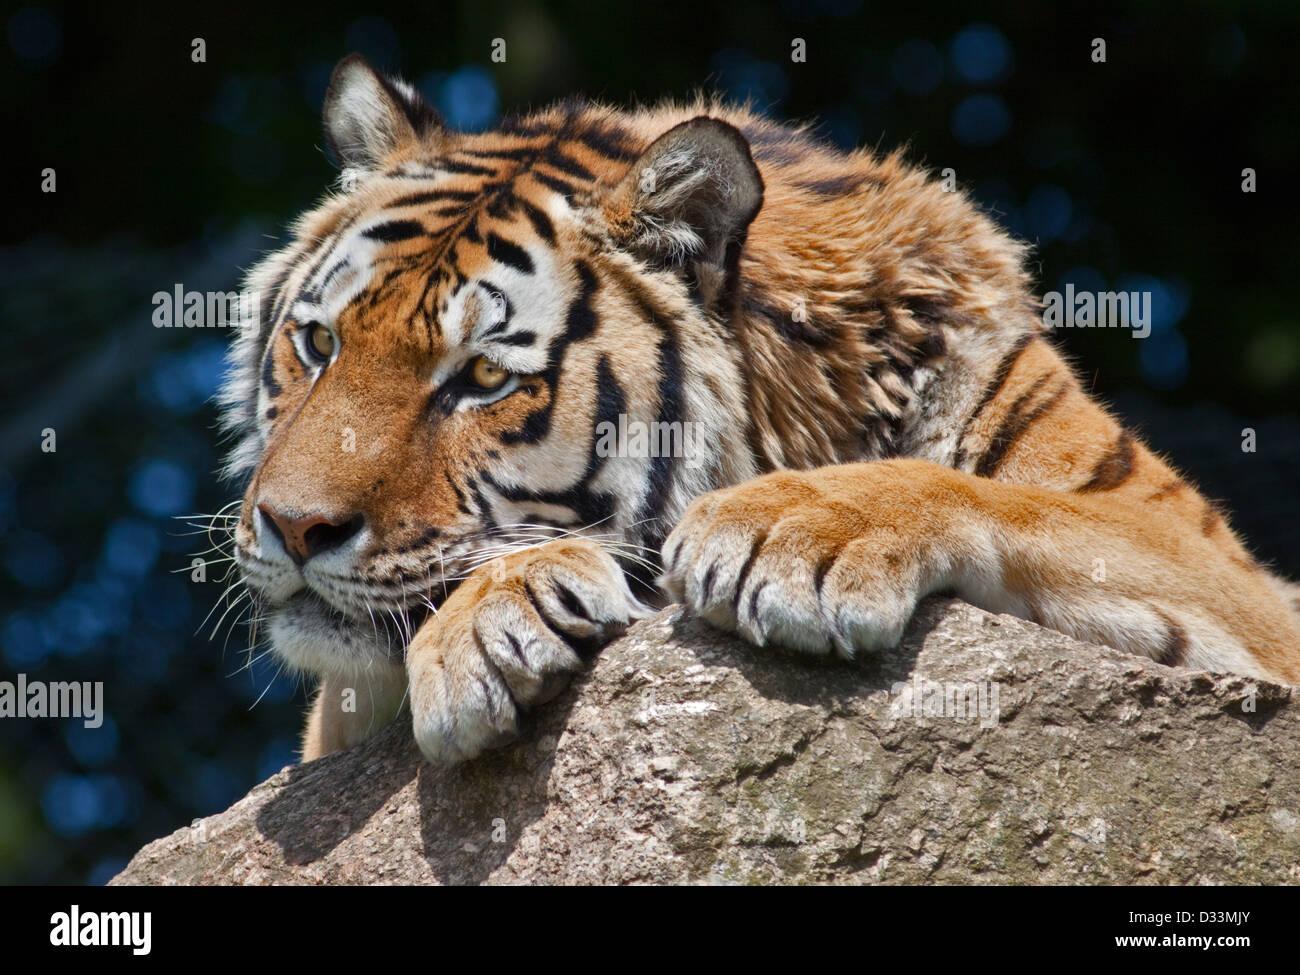 Amur Tiger/Siberian Tiger (panthera tigris altaica) - Stock Image